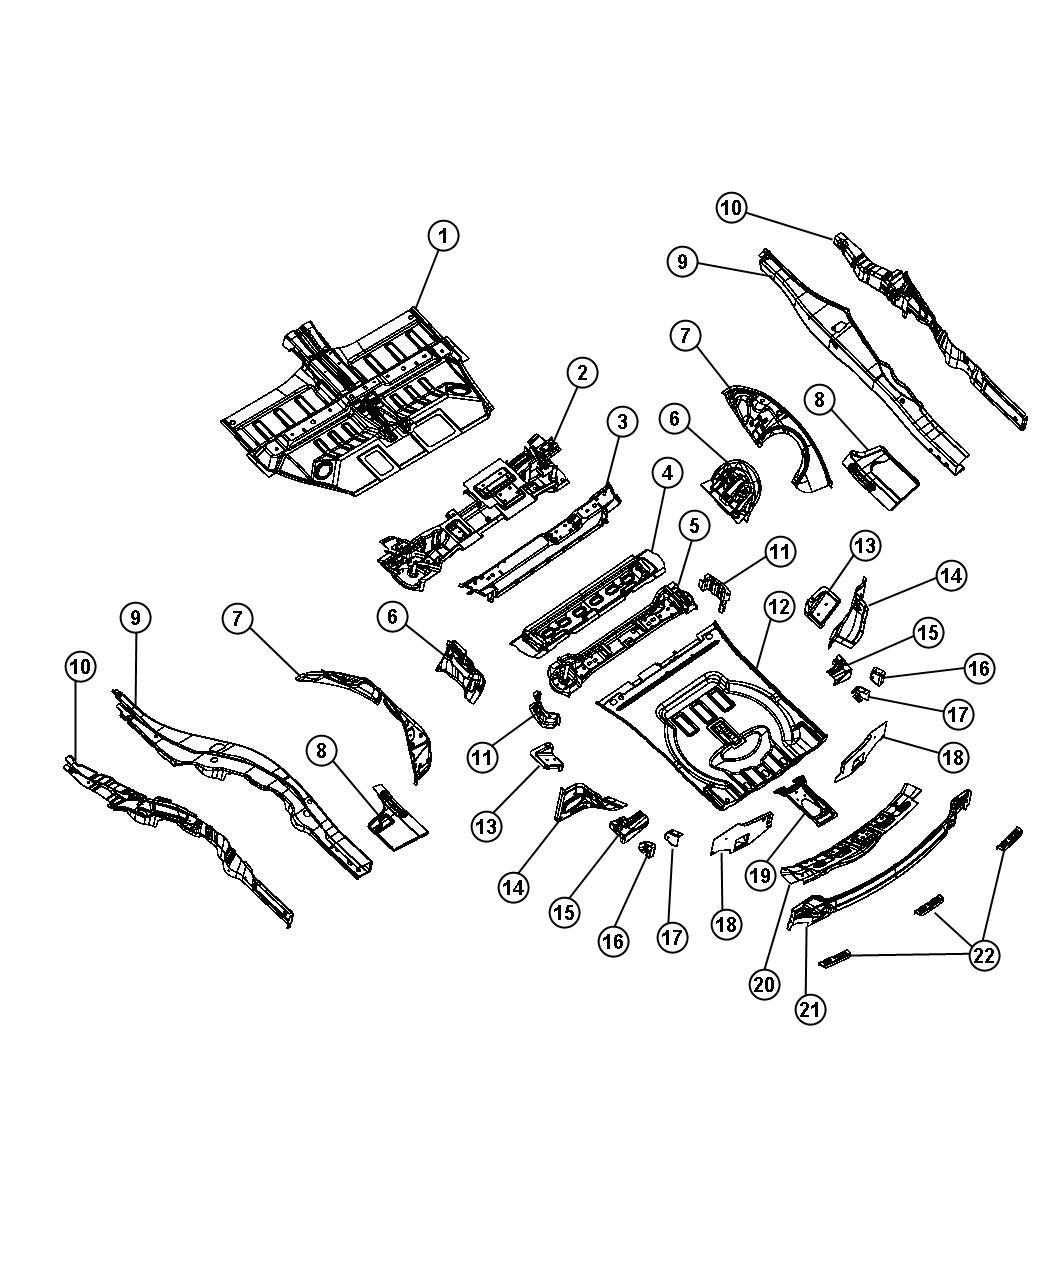 Dodge Durango Pan. Rear floor. Pans, mopar, center, body